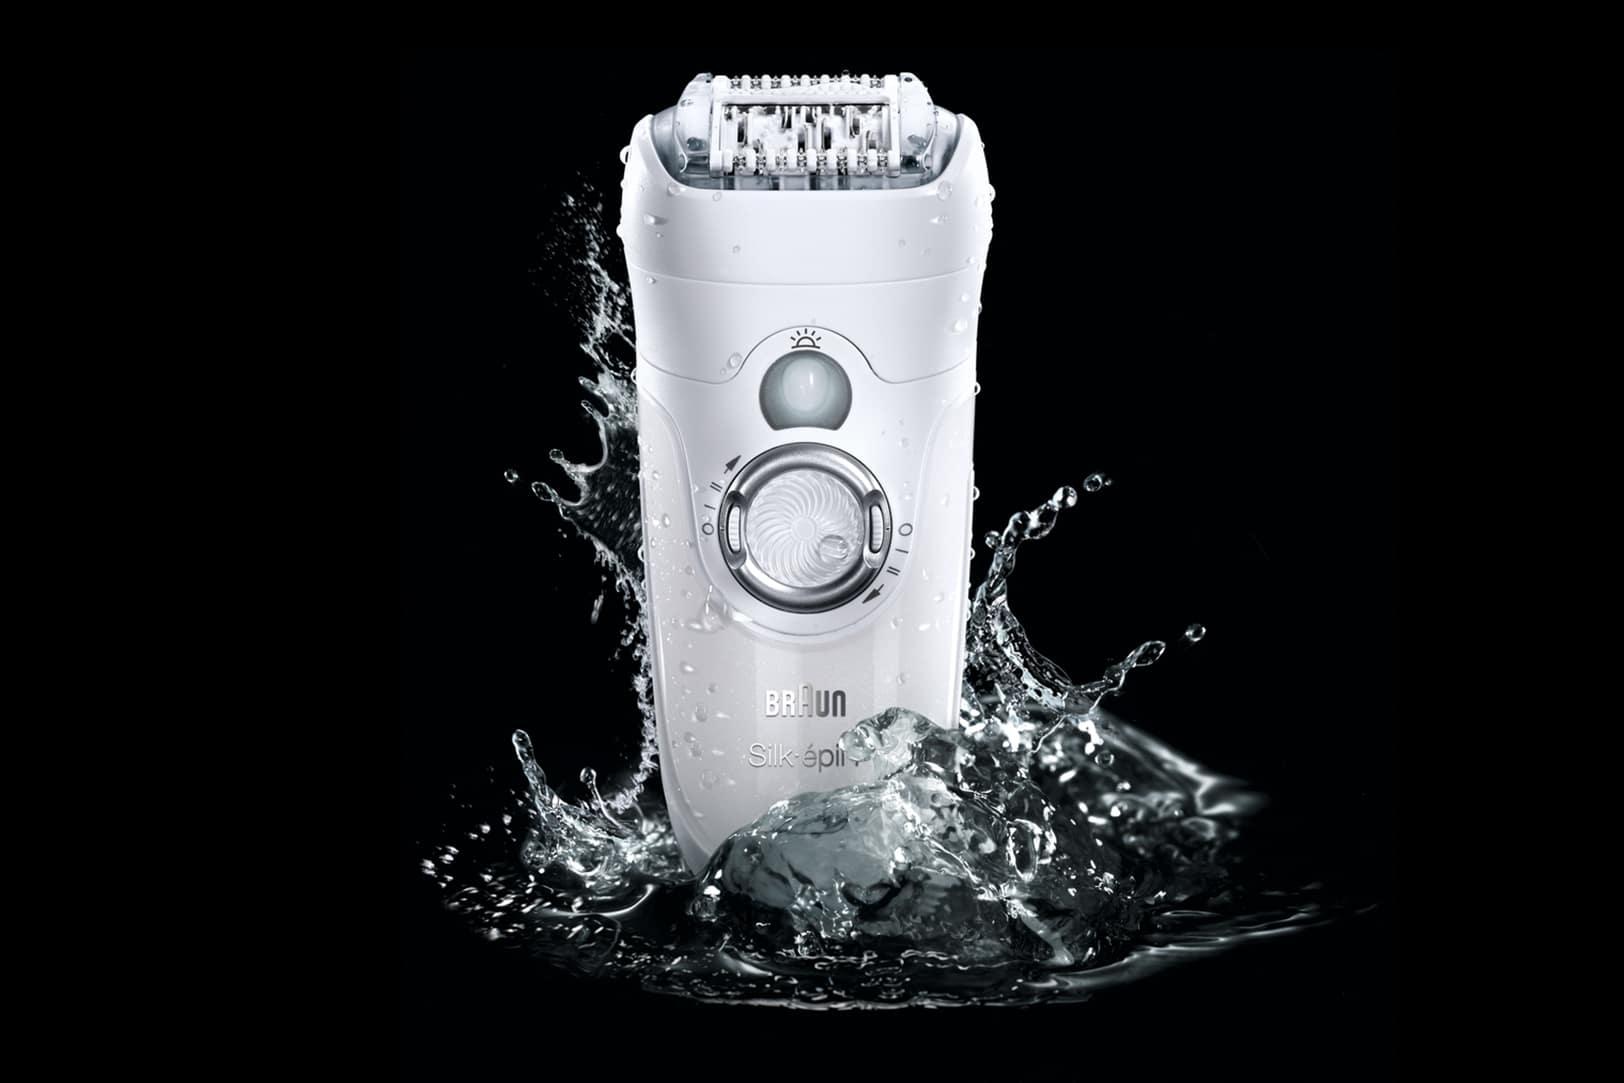 Avis sur l'épilateur électrique Braun Silk-Épil 7 7681 Wet&Dry